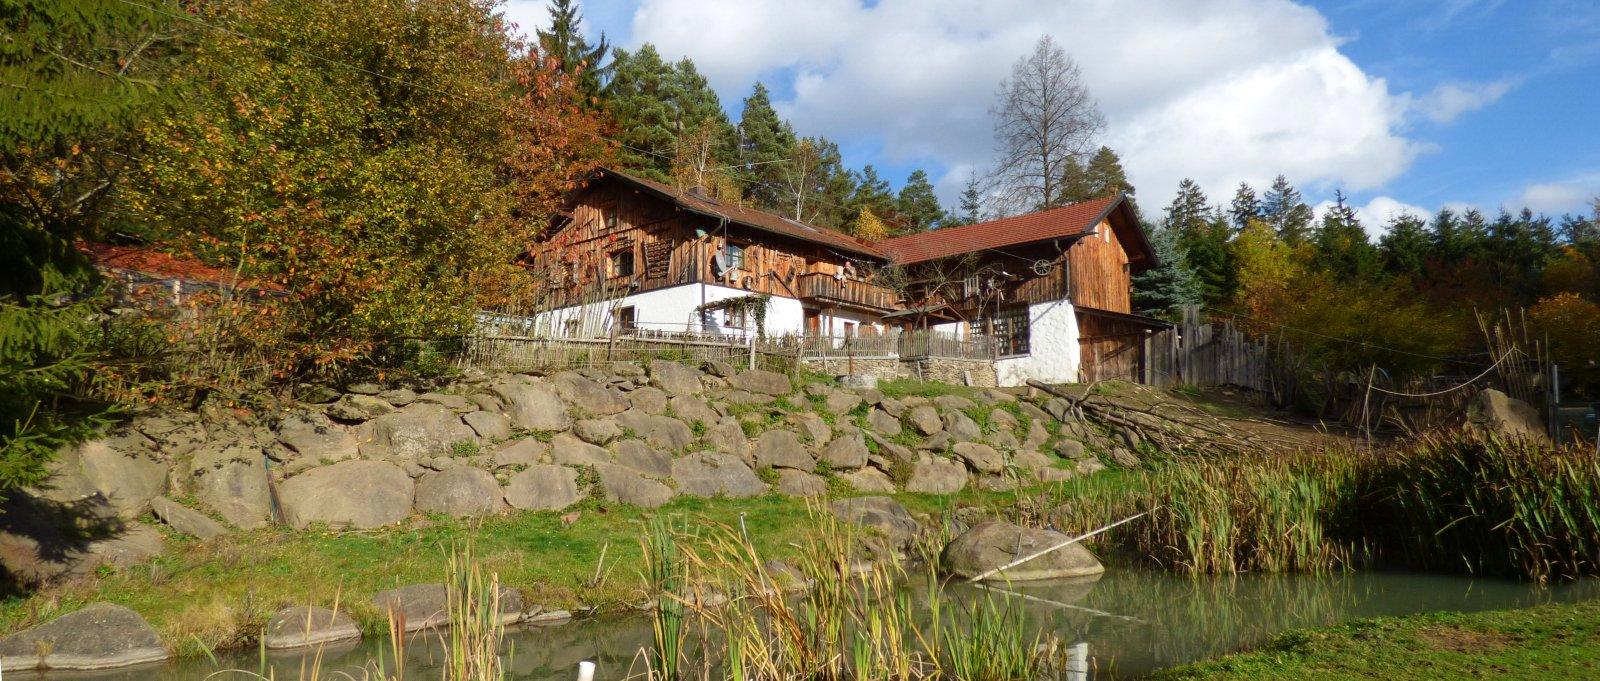 Richard's Almhütte in Teisnach Bayerischer Wald